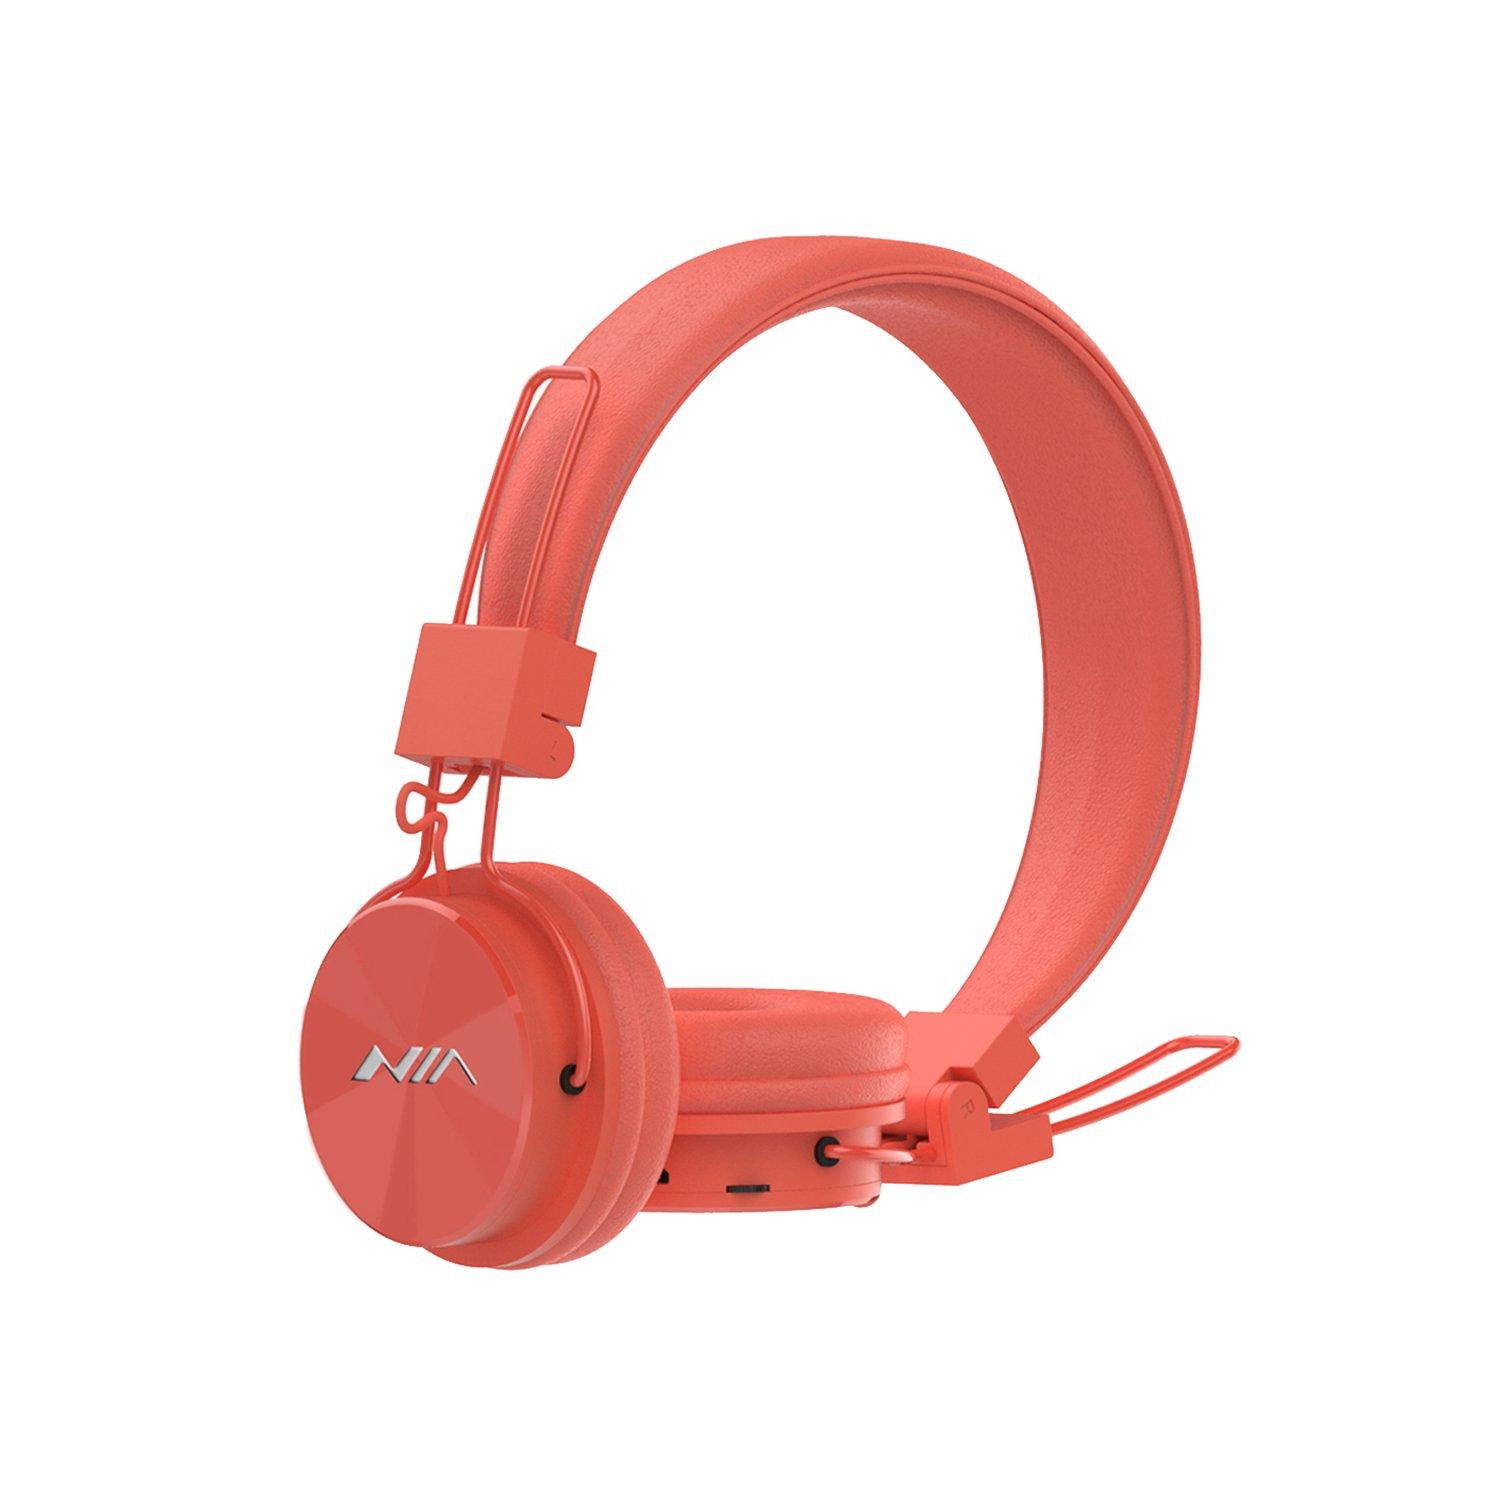 AiTalk X3 - Auriculares inalámbricos con Bluetooth, ergonómicos, con micrófono, Tarjeta de Apoyo TF, Radio FM Naranja: Amazon.es: Electrónica